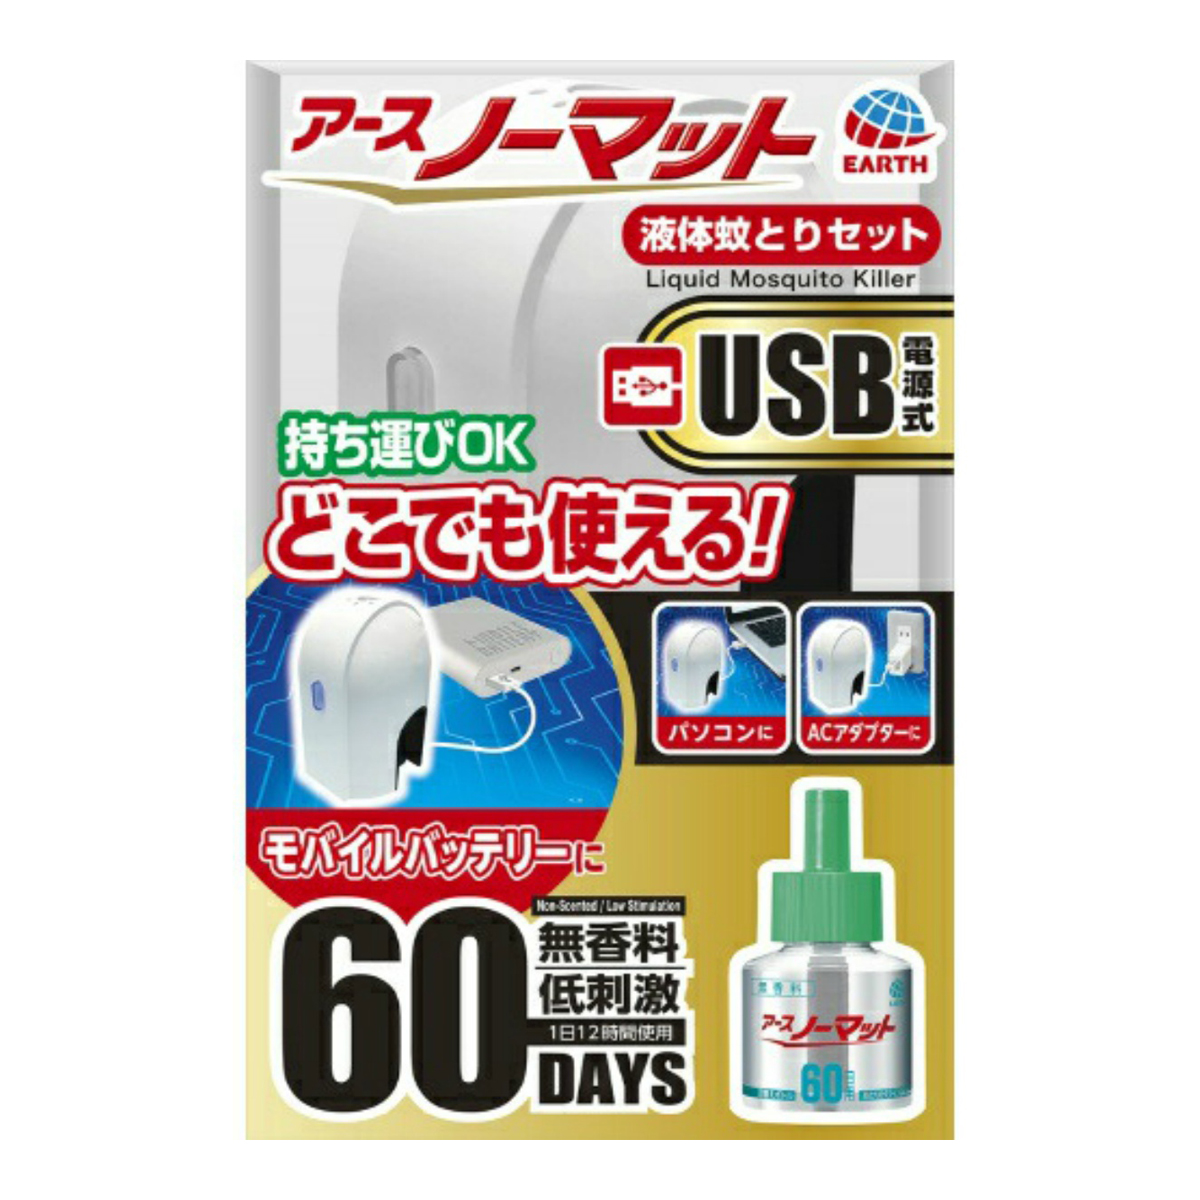 USB電源式の液体蚊とり 直営店 4901080023216 アース製薬 ノーマット 液体 60日 無香料 USB電源式 低刺激 蚊とりセット 訳ありセール 格安